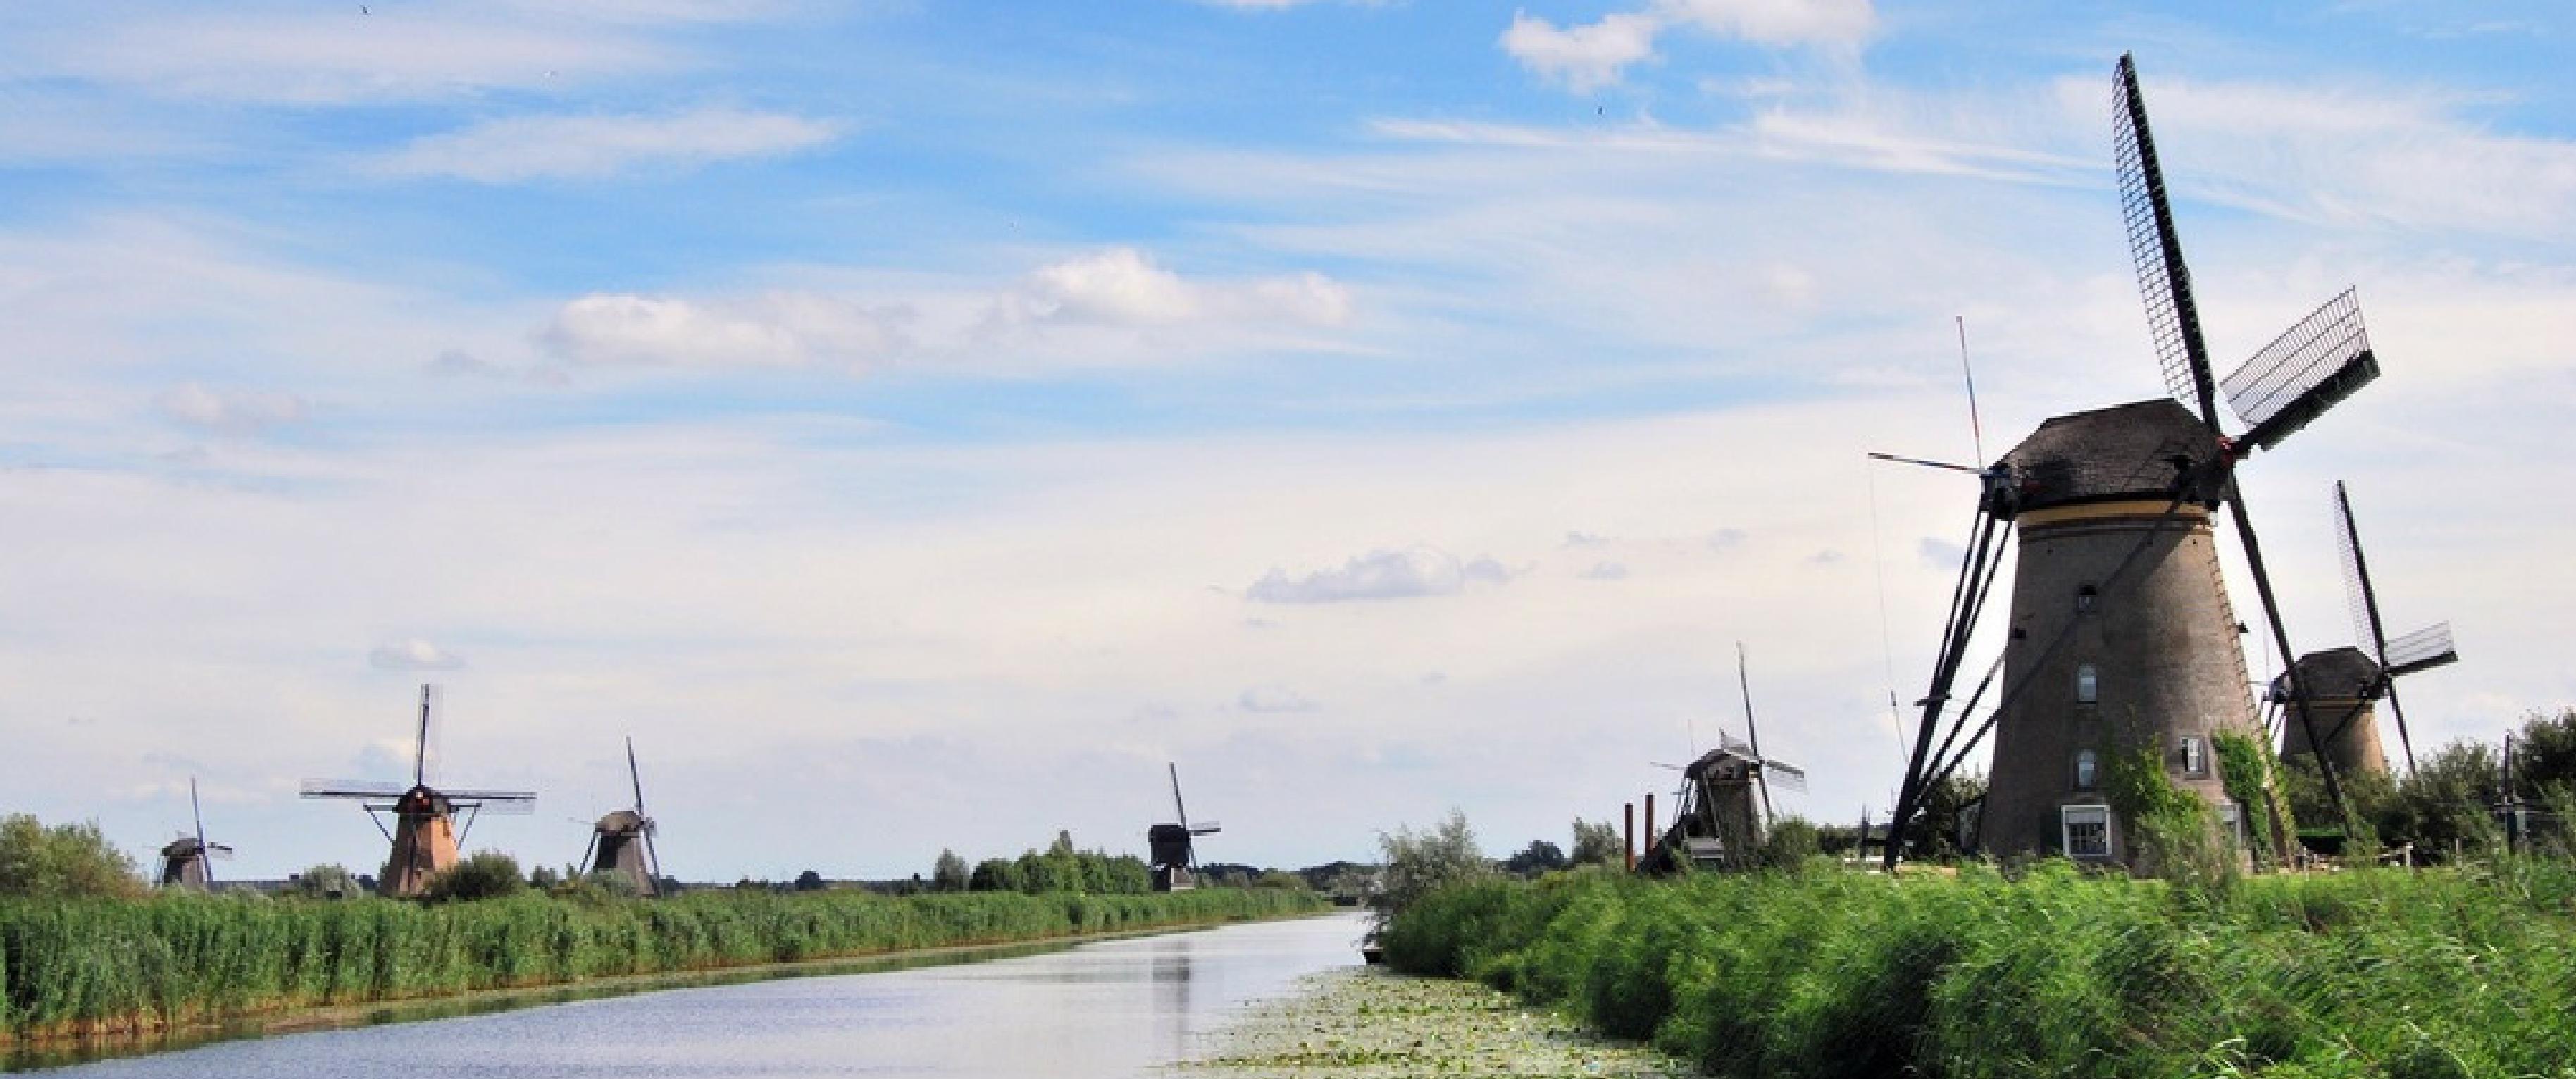 Unesco in the Netherlands